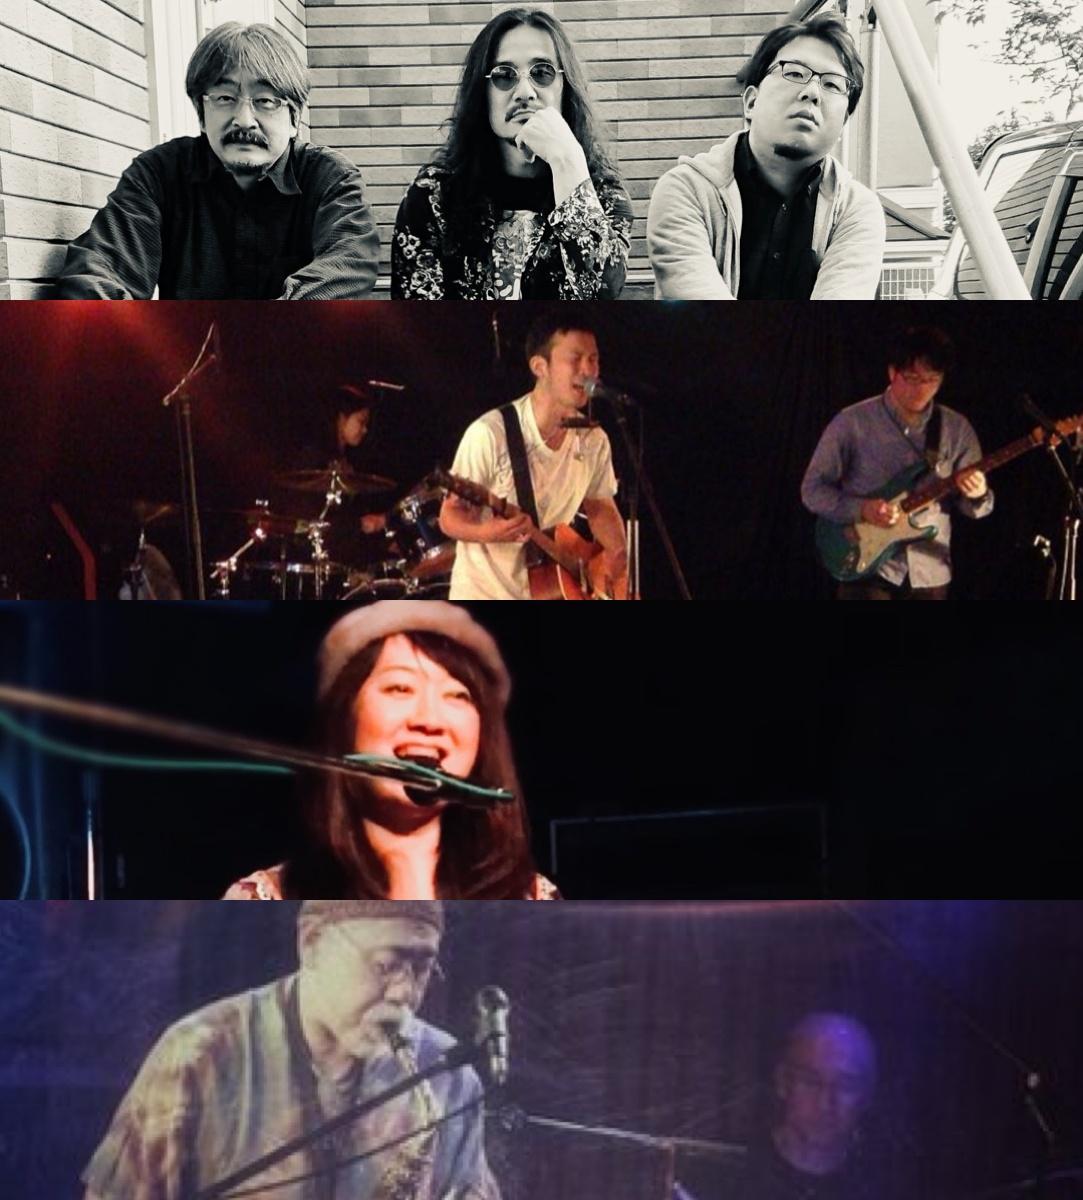 [無観客配信]『碑文谷の風』出演:BAND OF ZUMA / 川上バンド / 羽鳥あつこ / O-ju Jazz Punx